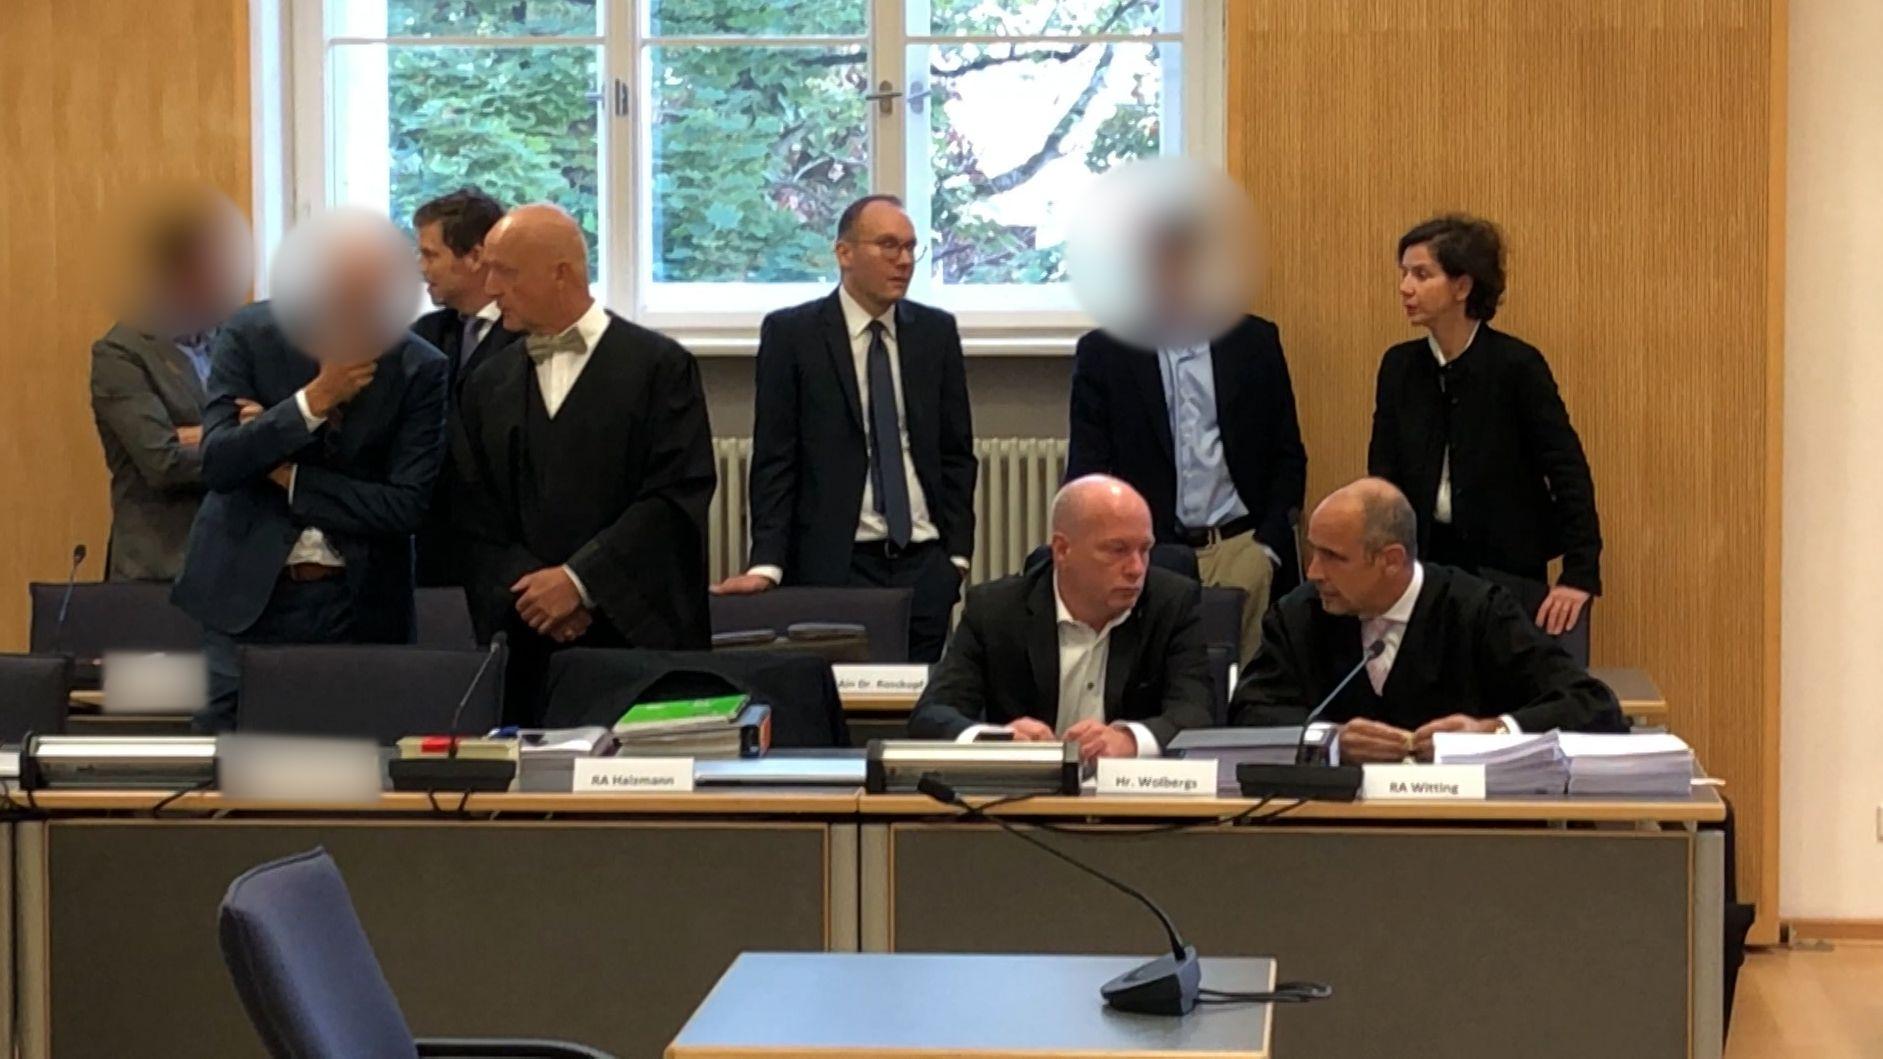 Der suspendierte Regensburger Oberbürgermeister Joachim Wolbergs vor dem Landgericht Regensburg